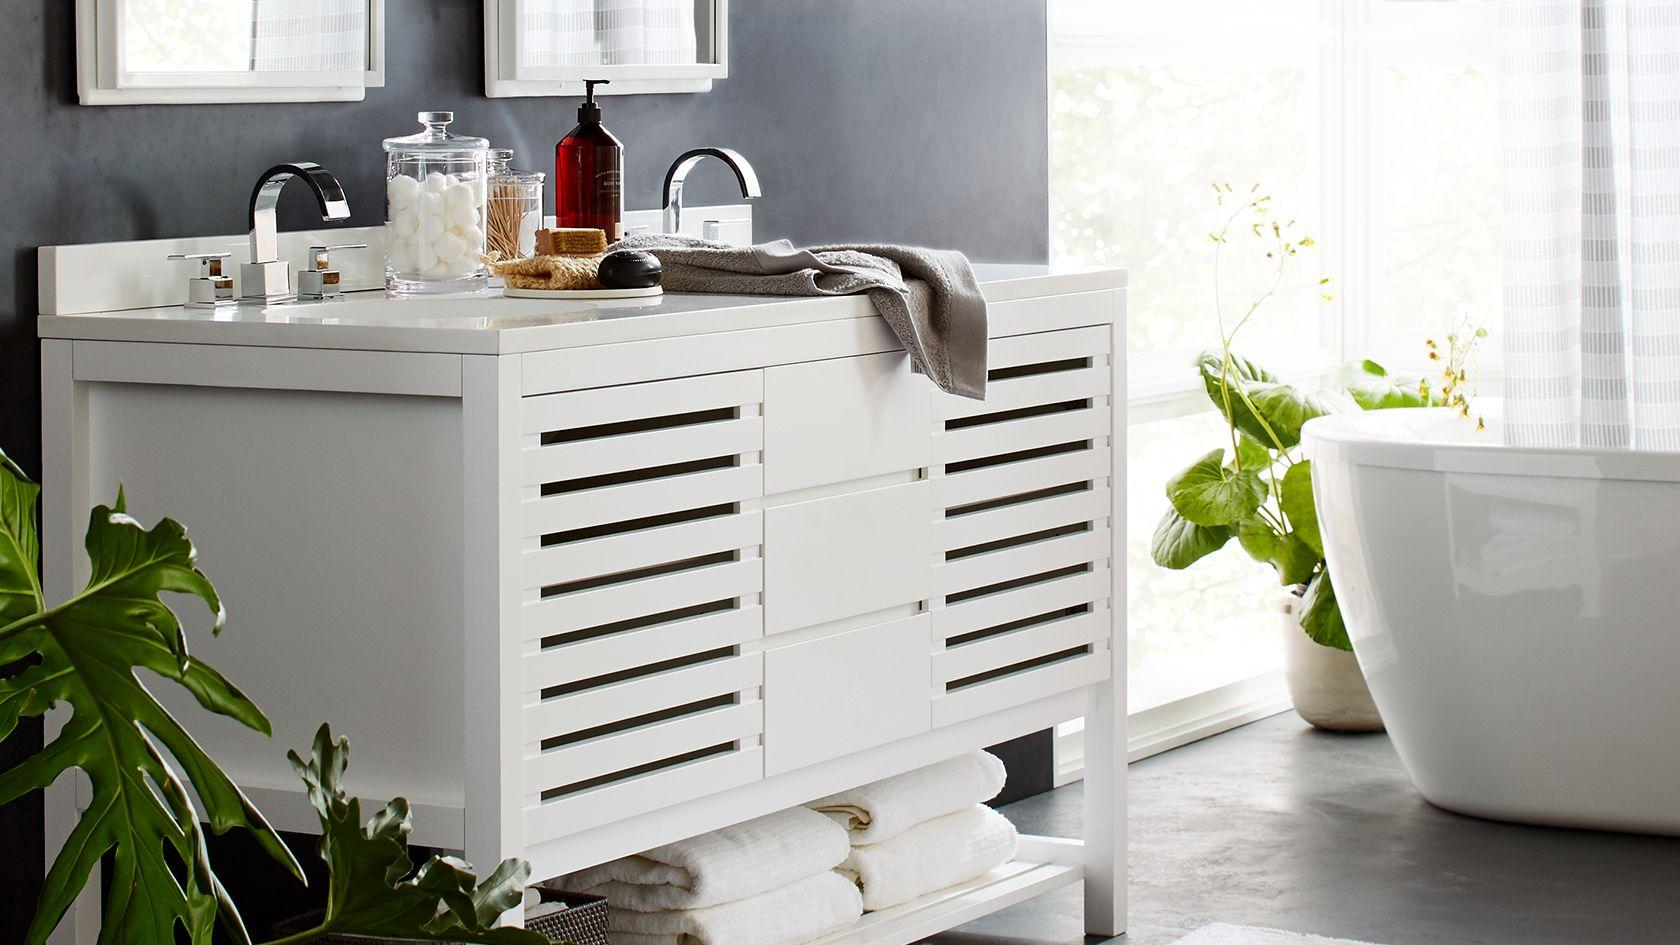 Bed and bath crate and barrel - Crate and barrel bathroom vanities ...